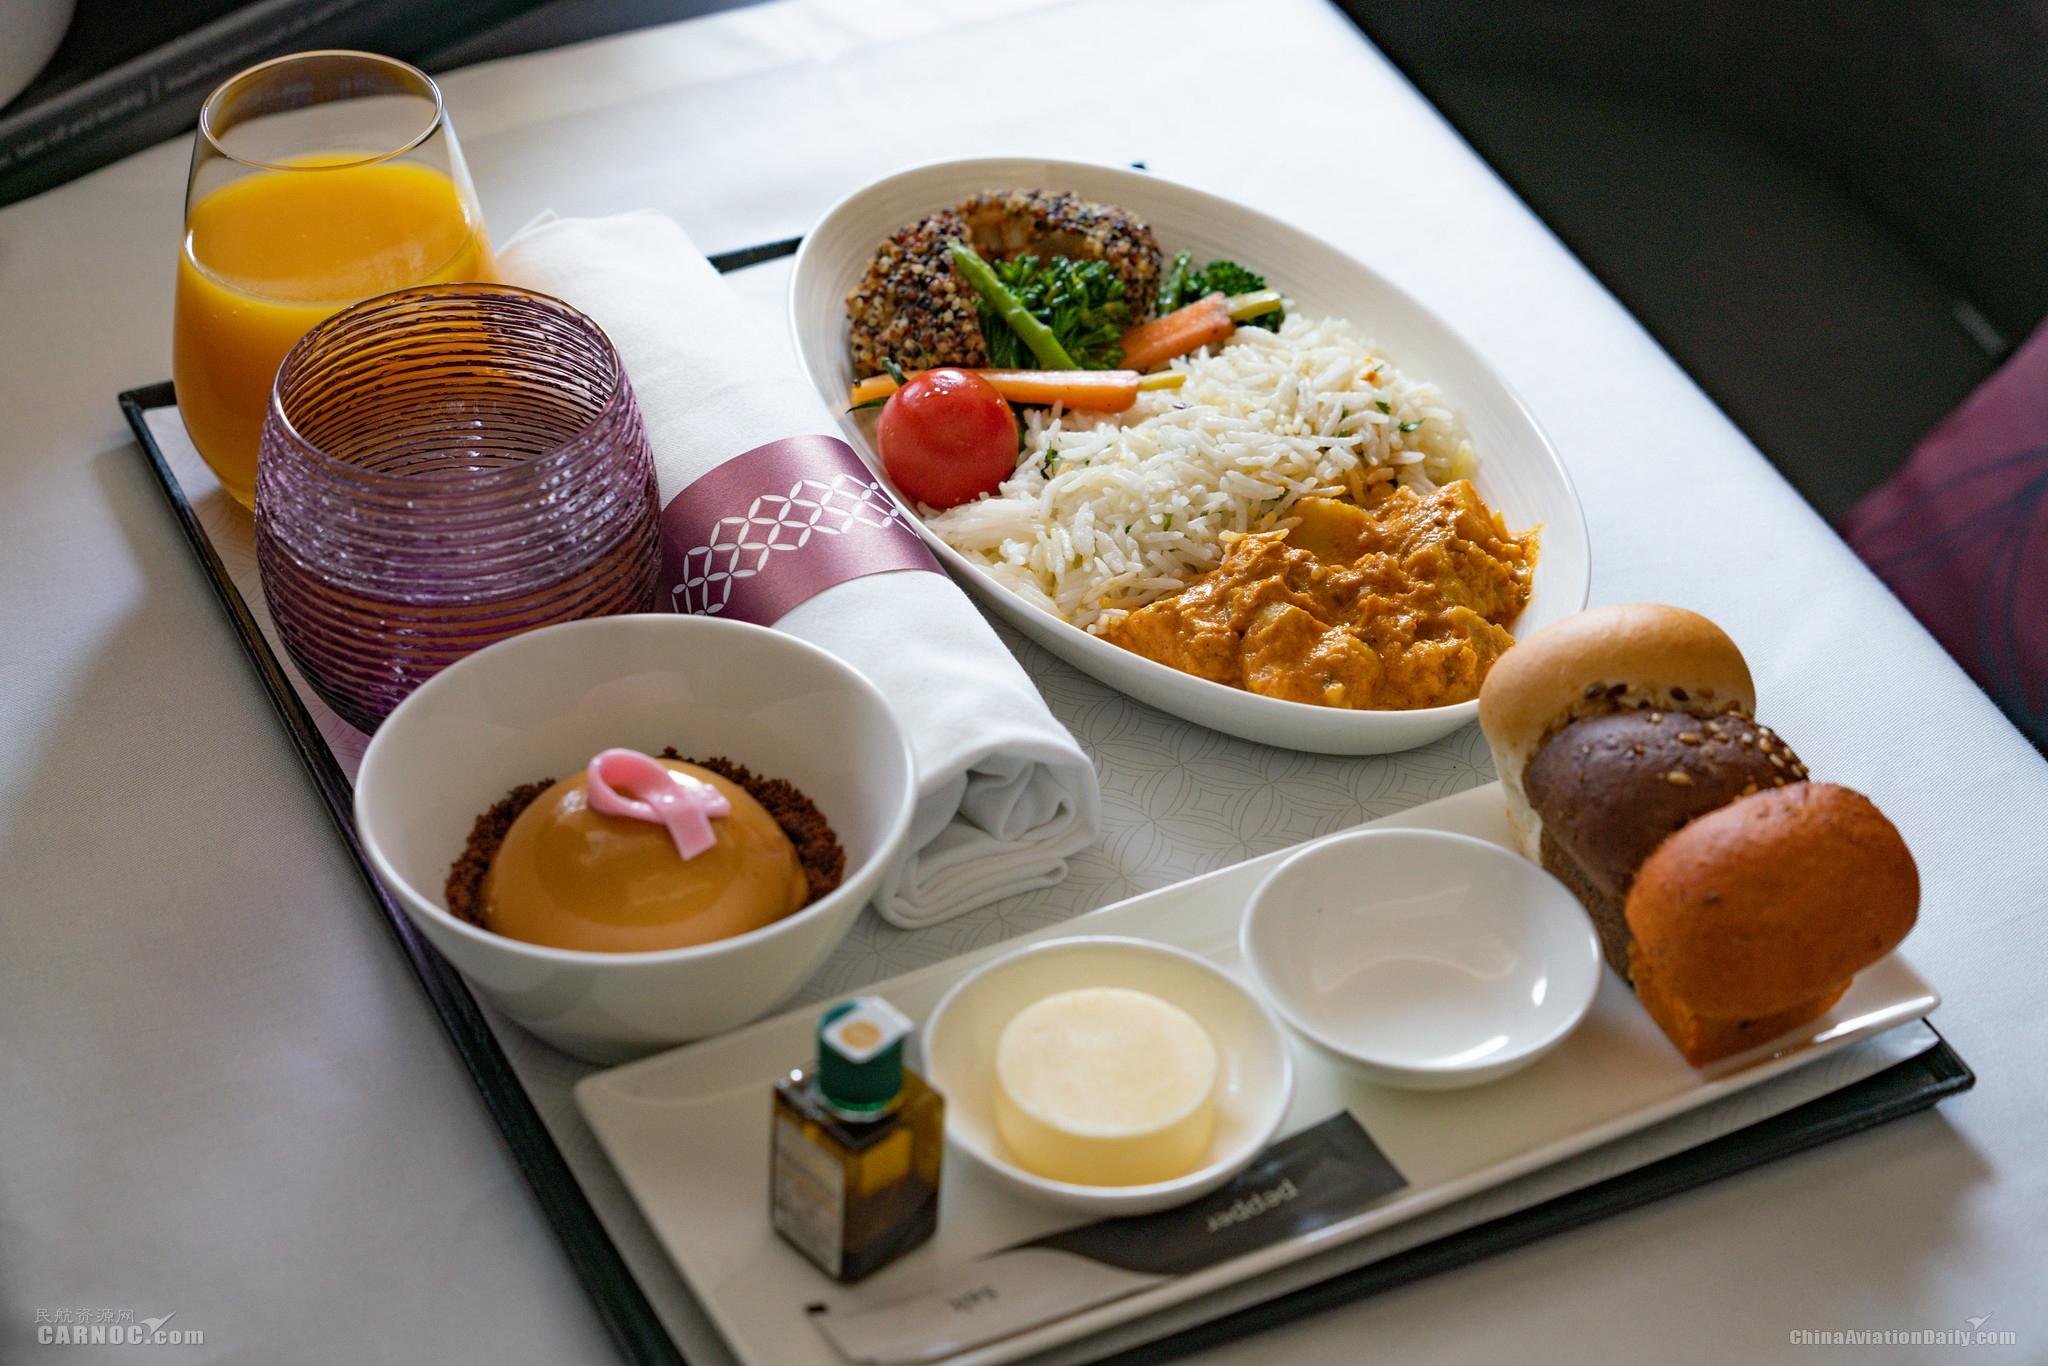 卡塔尔航空公司为高端客户推出了首个全素食系列美食